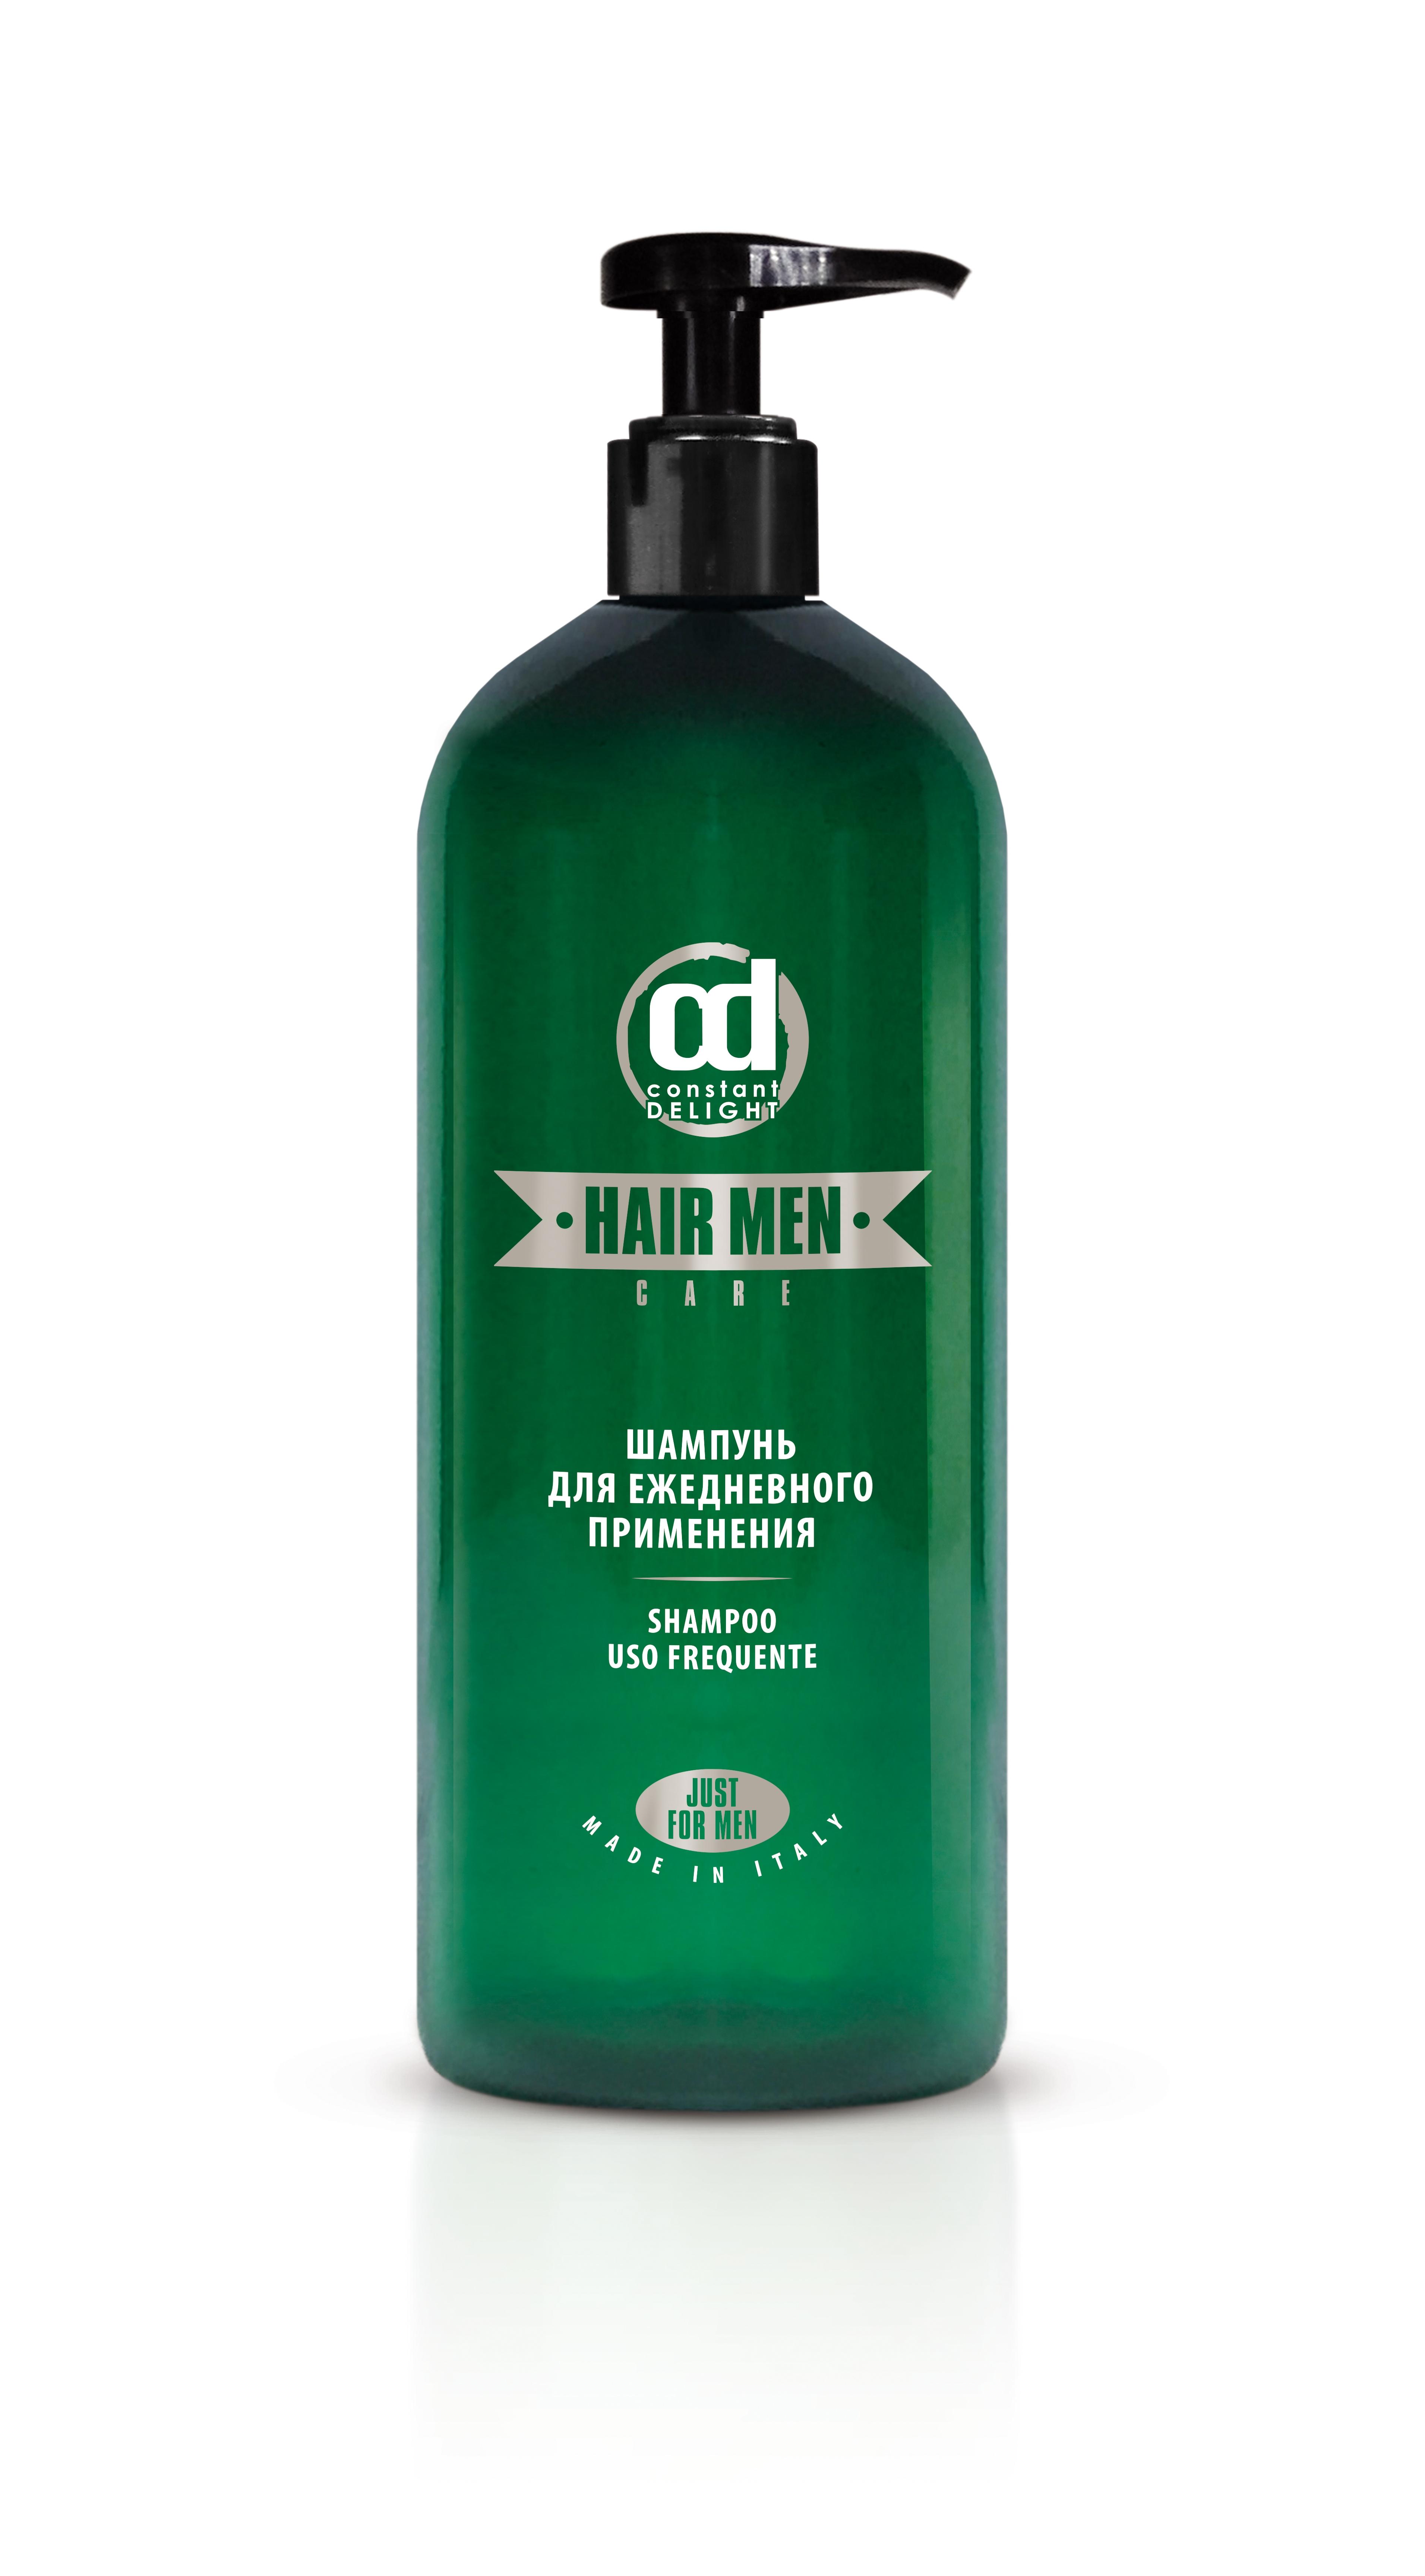 CONSTANT DELIGHT Шампунь для ежедневного применения / BARBER Hair Men 1000 мл